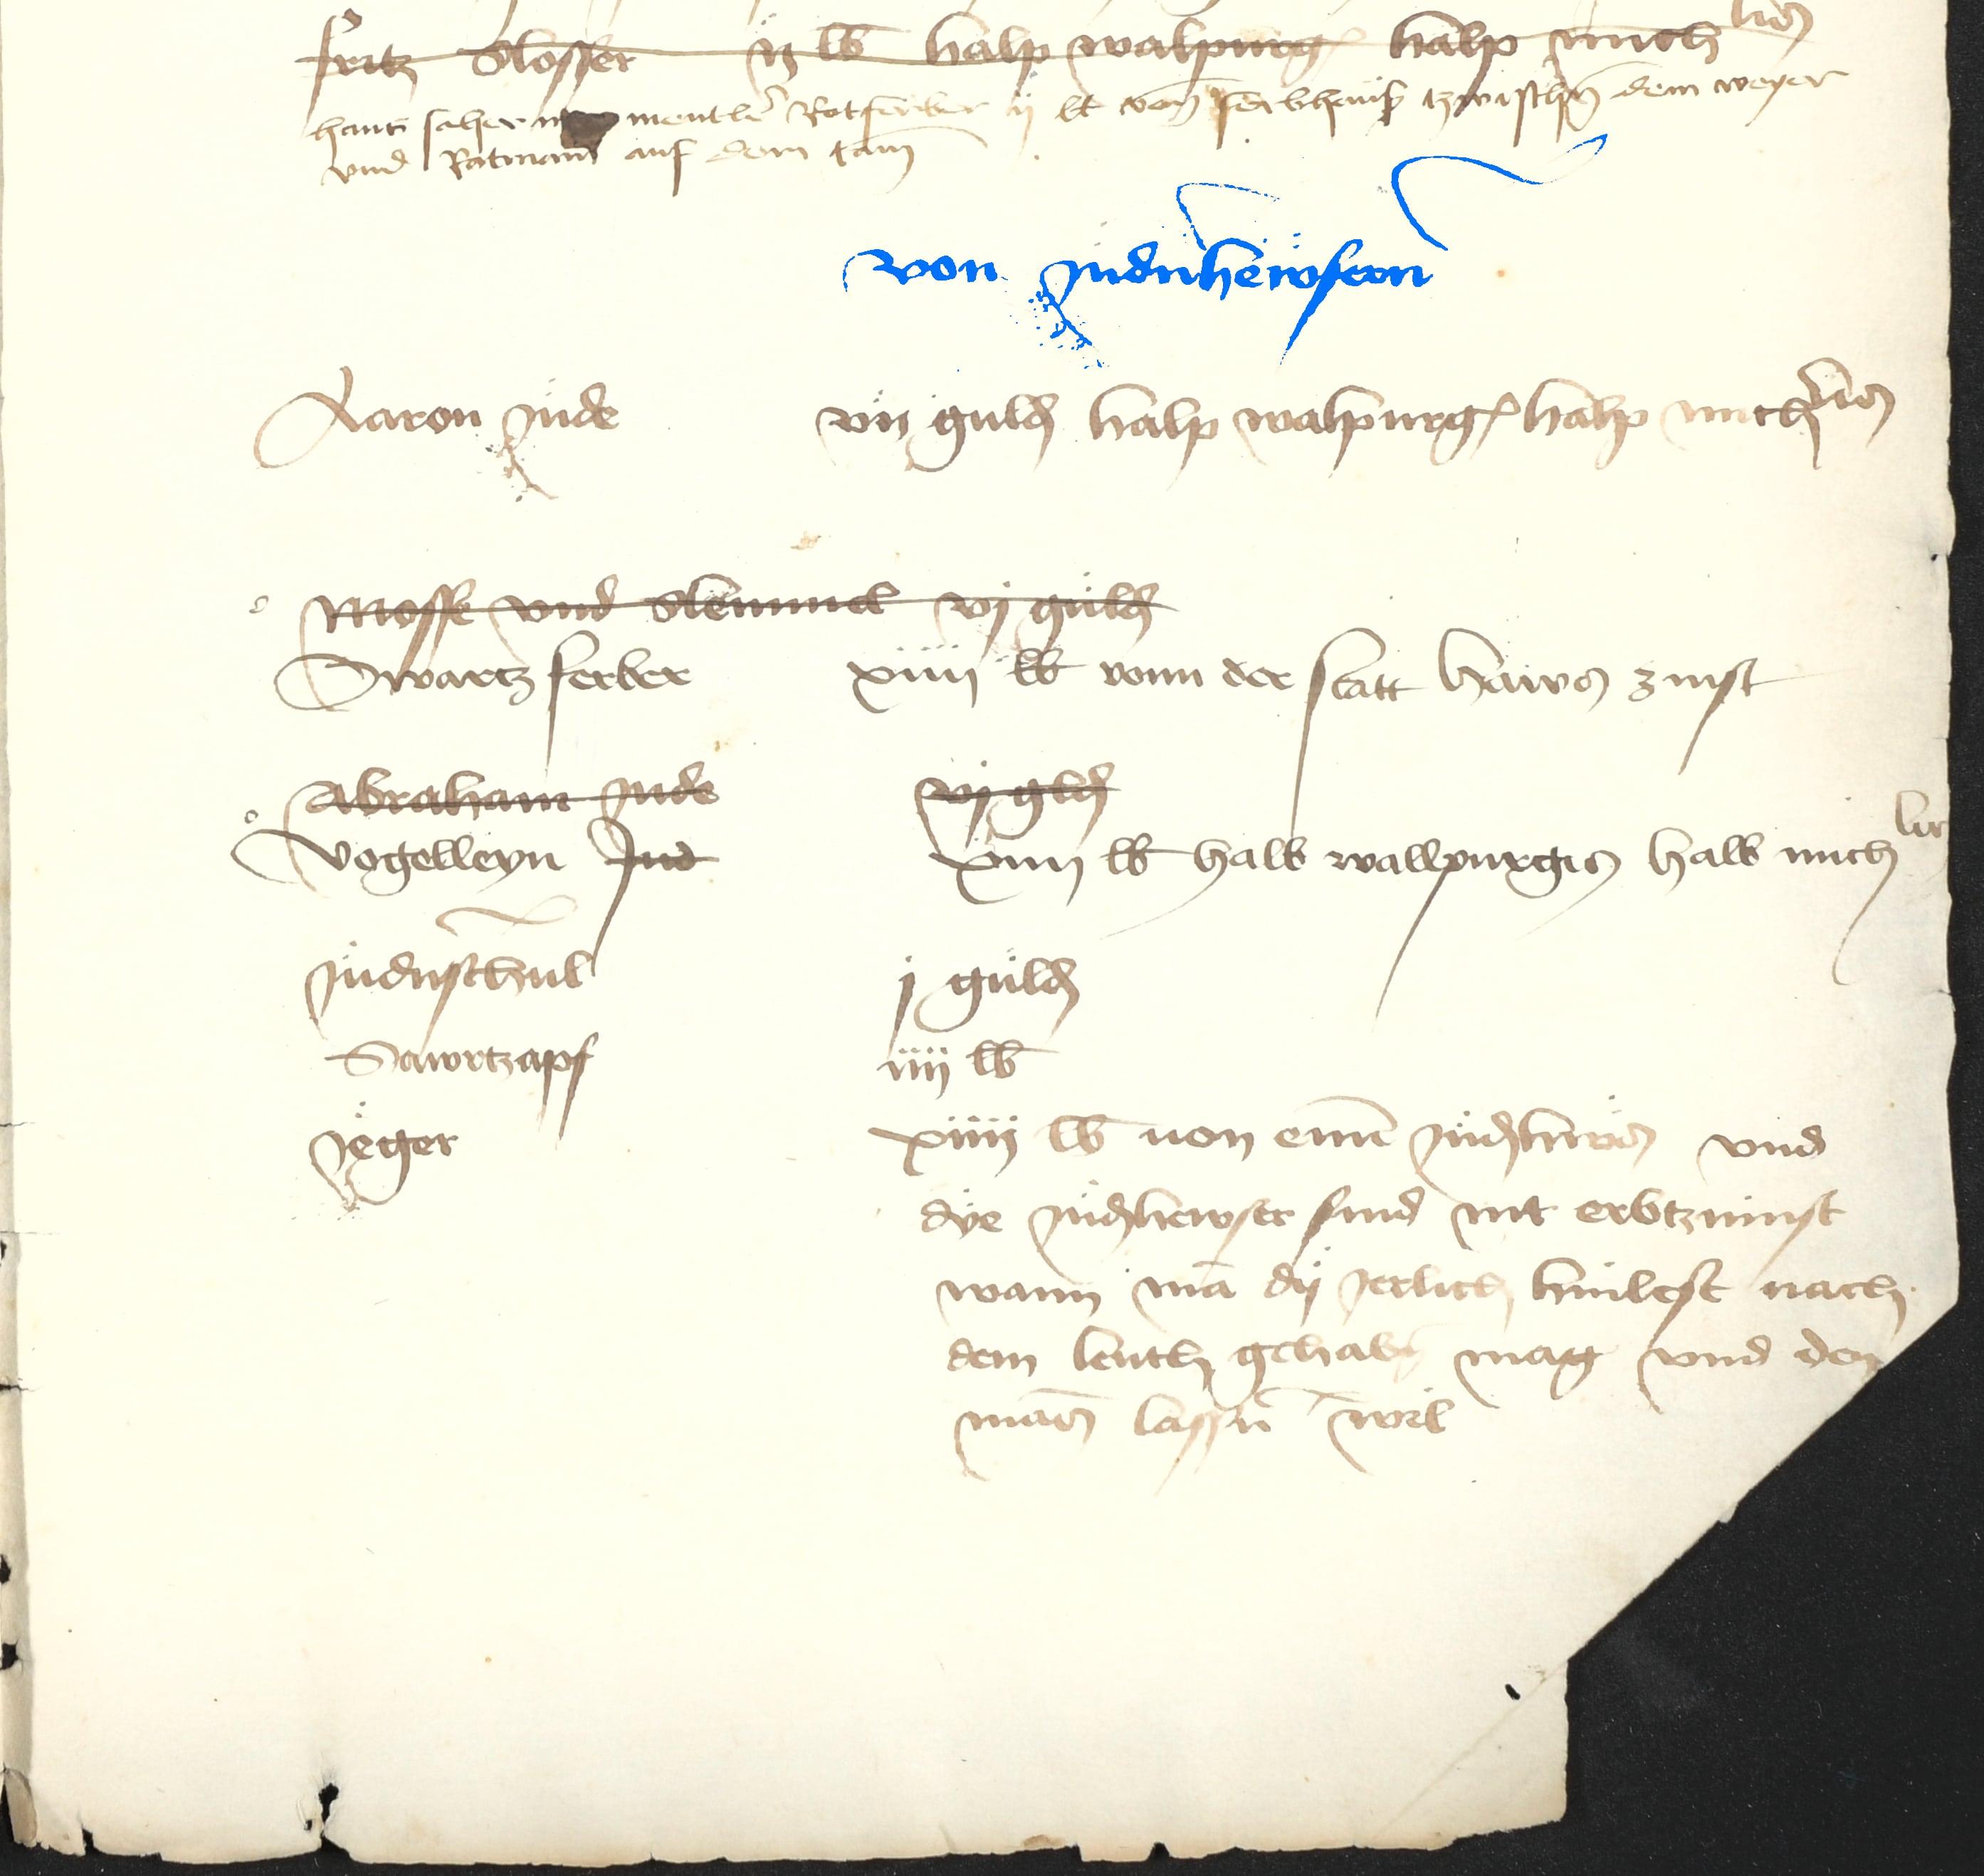 Auszug aus dem ältesten Bayreuther Stadtbuch: 1. Mai 1463 – Zinszahlungen von den Judenhäusern, Einwohner Aaron, Mosse, Slemmel, Swartzferber, Abraham, Vogelleyn jud und Saurtzapf